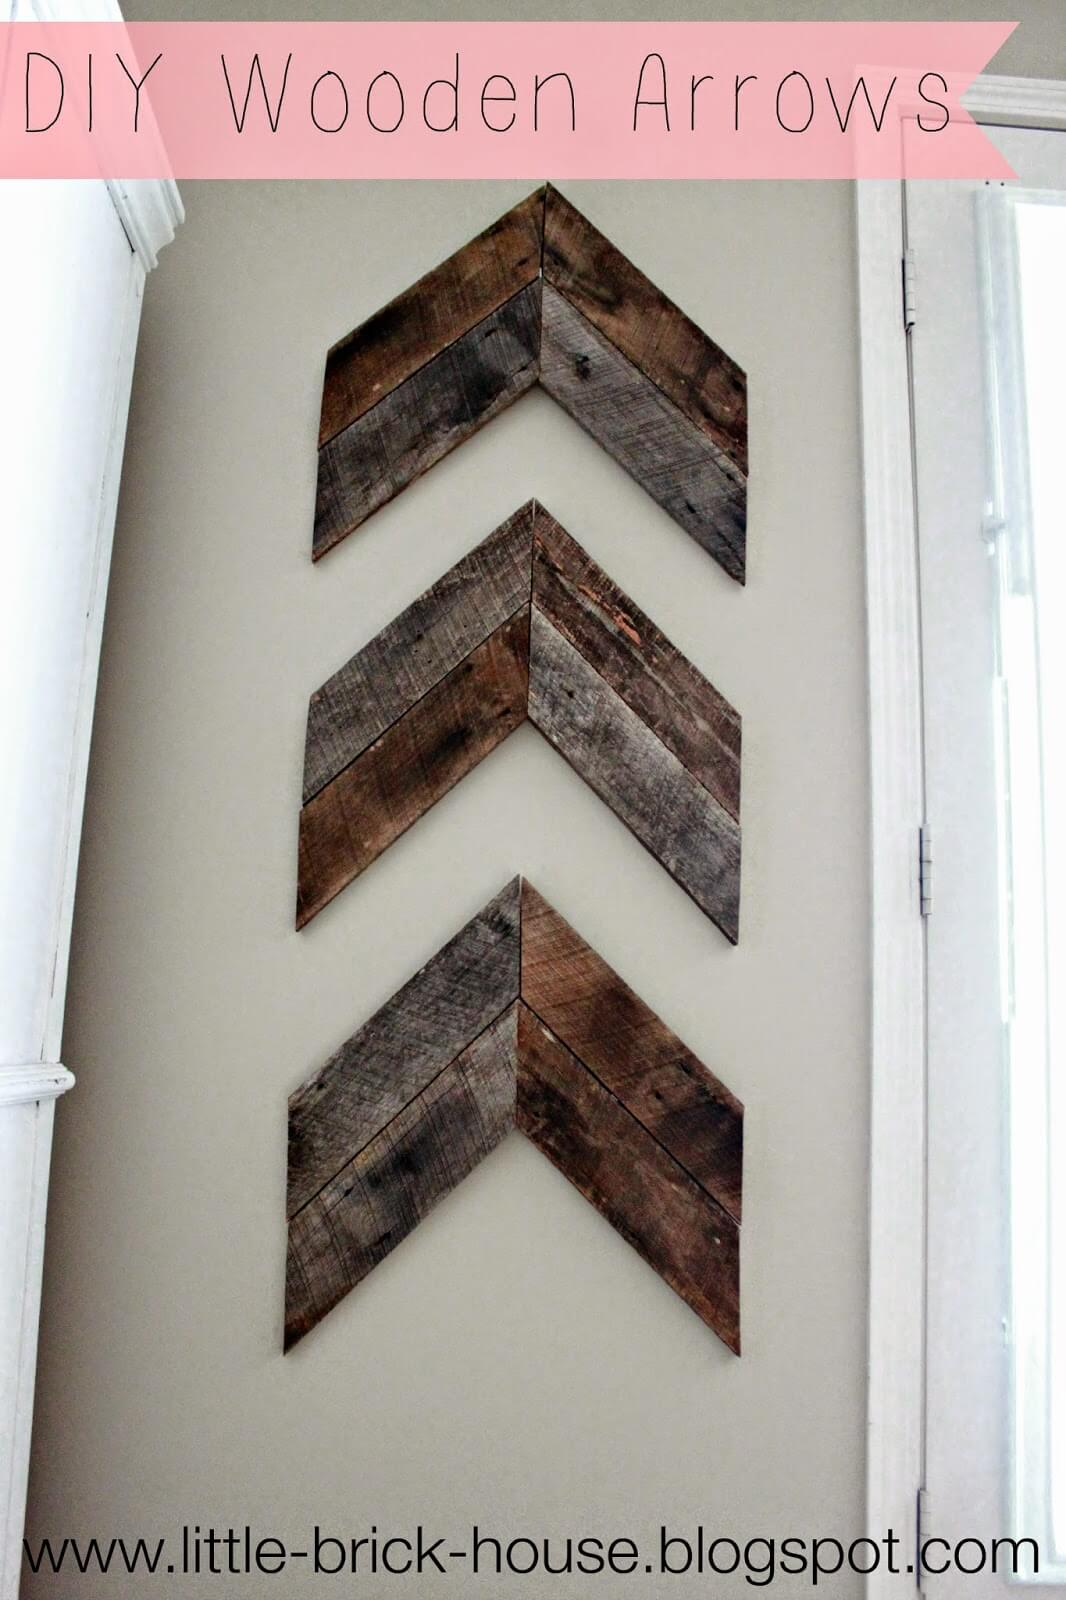 Huntsman's Arrows DIY Wall Decor